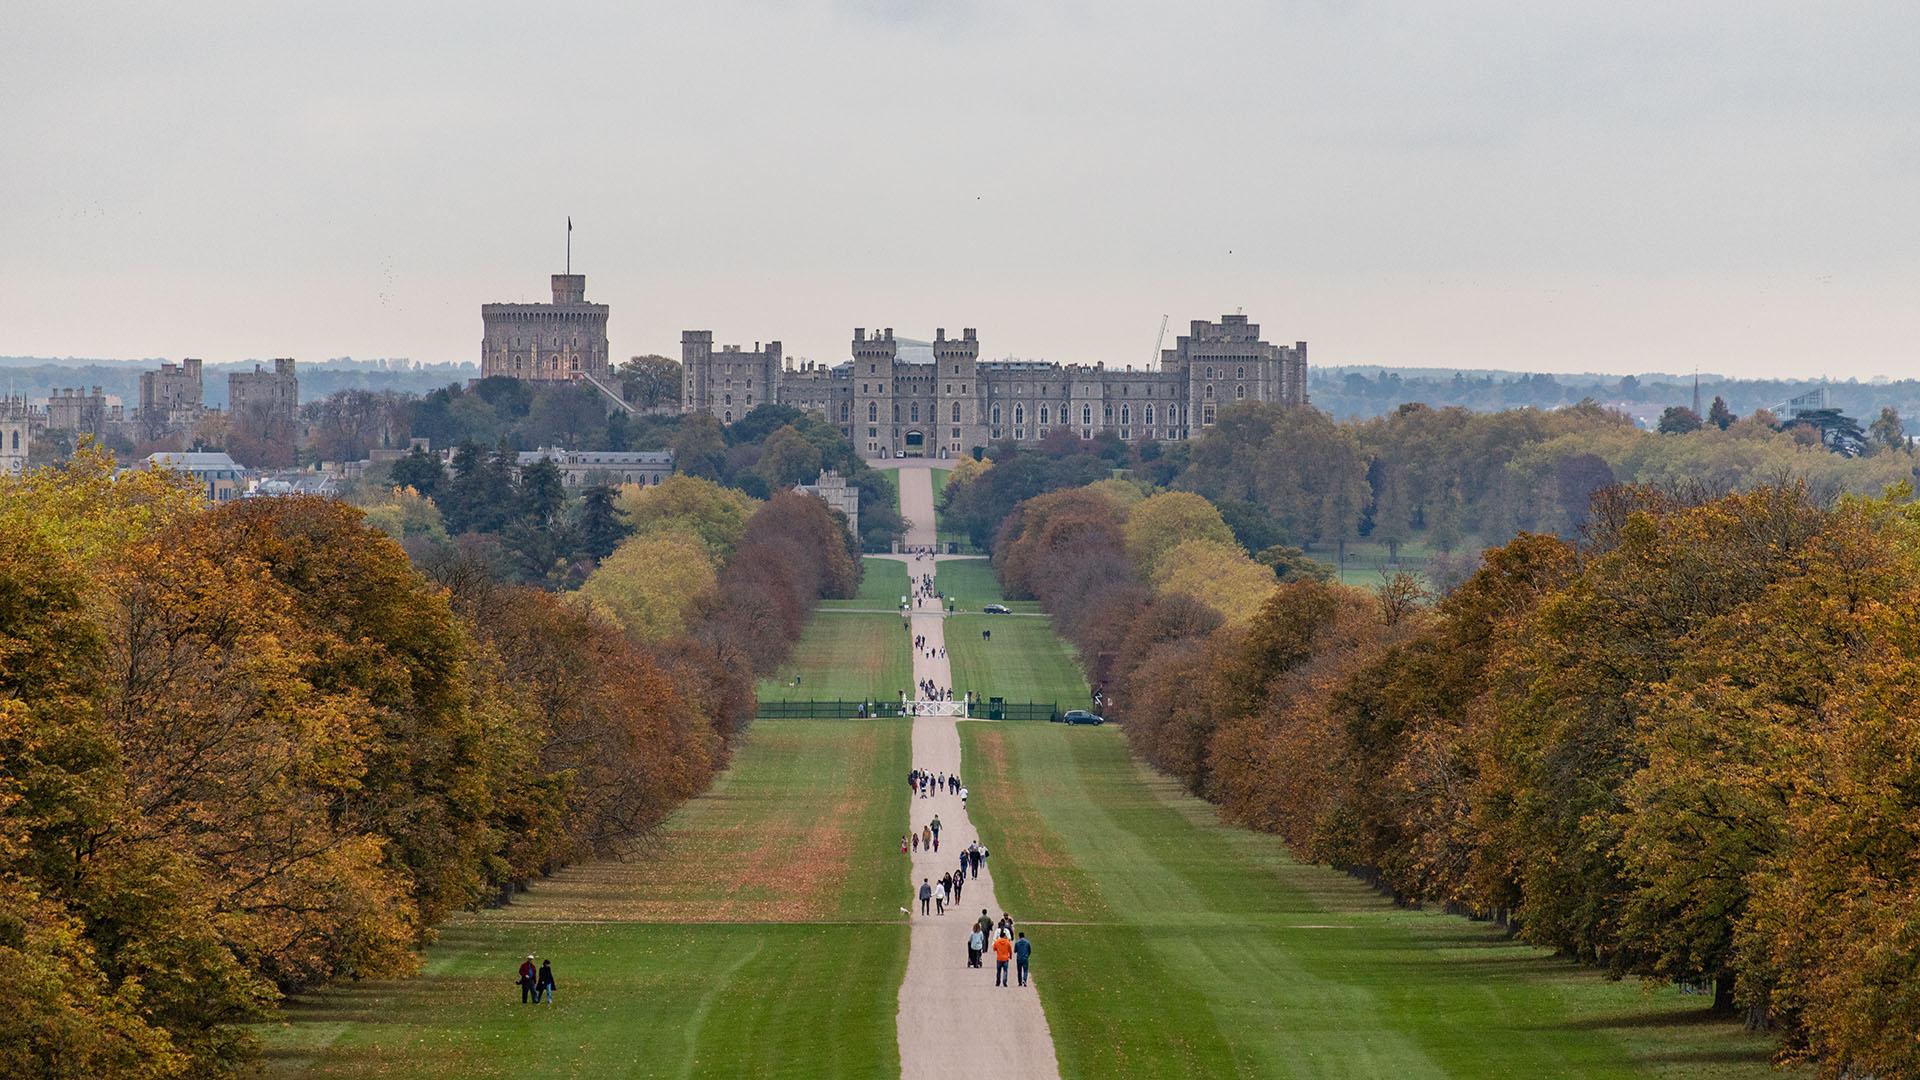 El emplazamiento del palacio de Windsor en una colina restringe el tamaño de sus jardines, que se extienden al este del castillo por un terreno aterrazado en el siglo XX